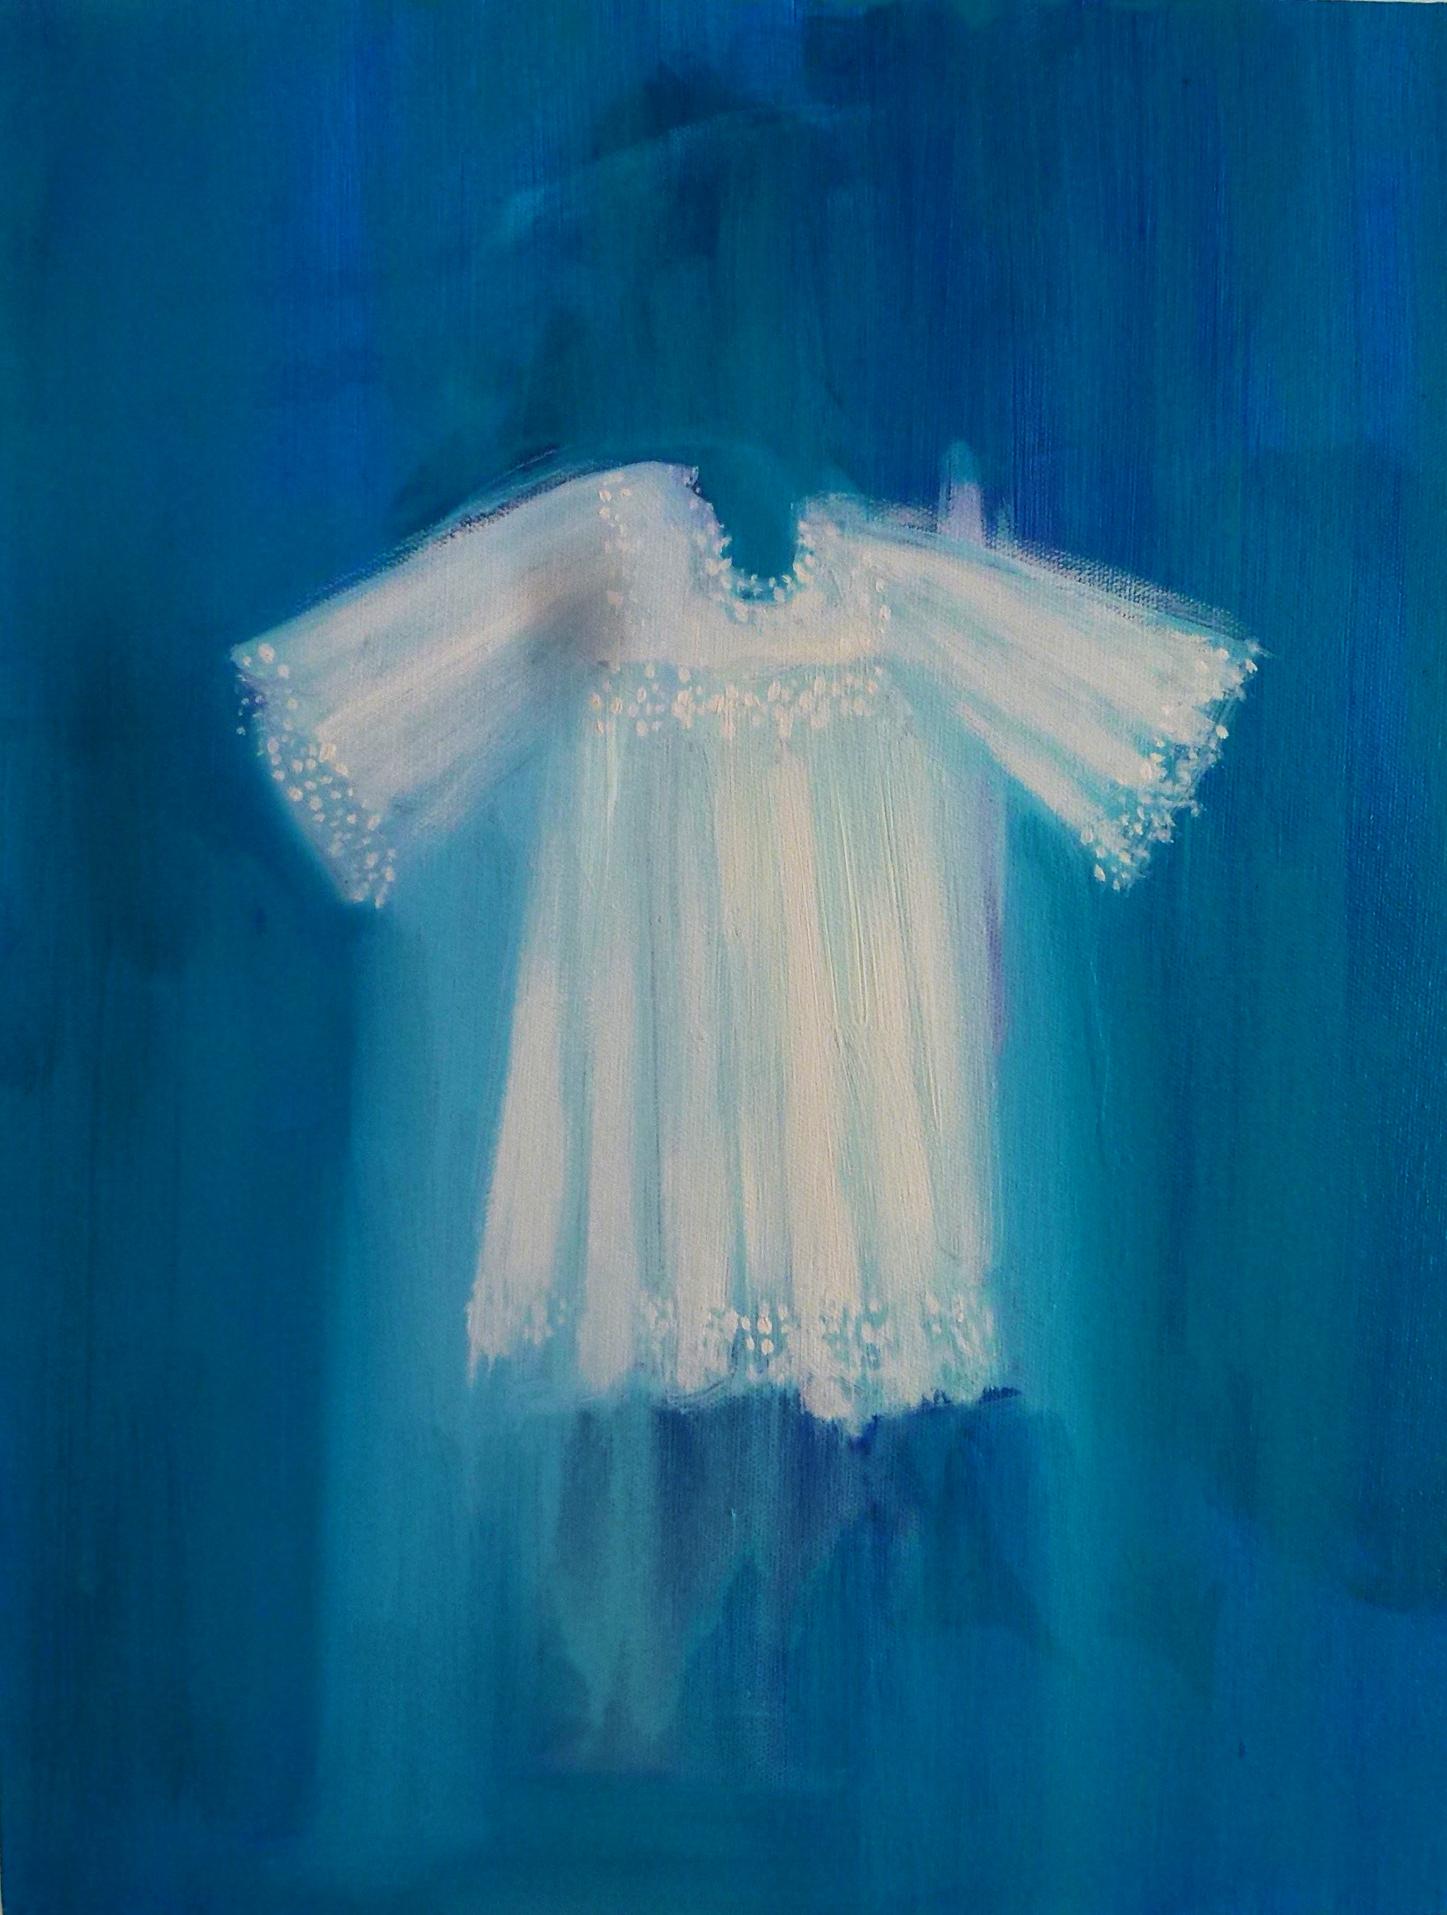 White Robe on Turquoise